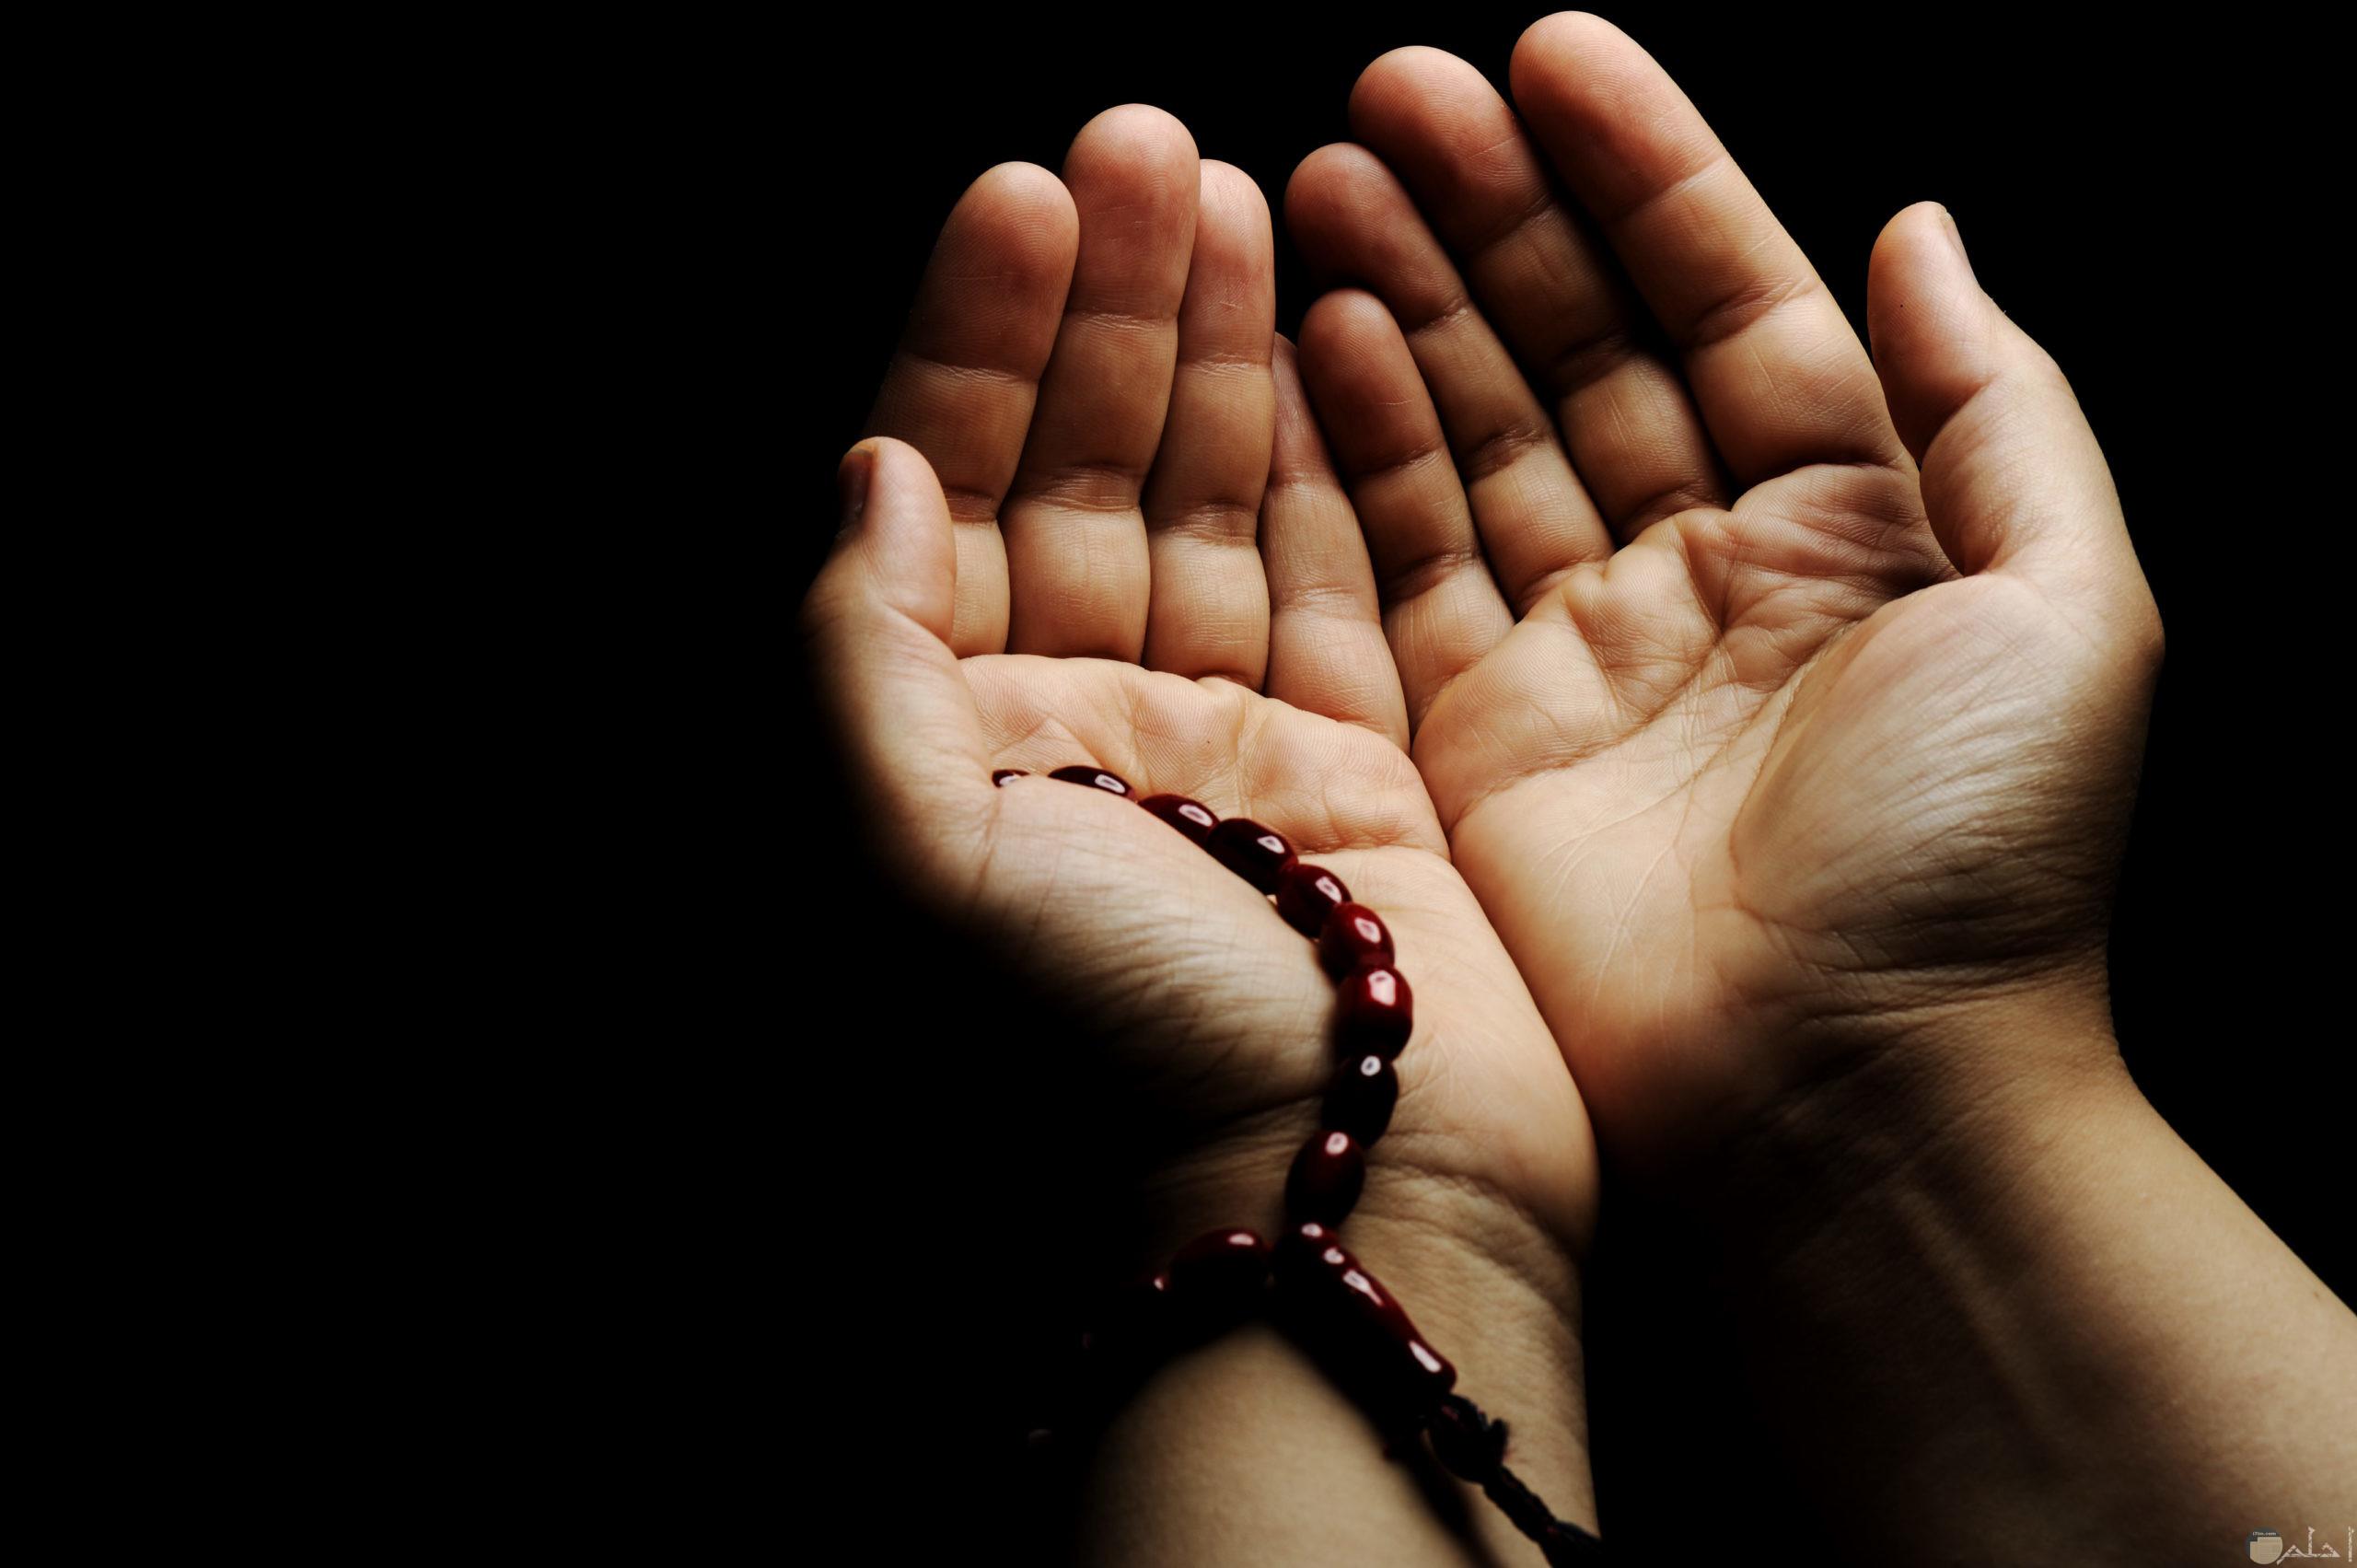 يد مع سبحة بخلفية سوداء بدون عبارات.